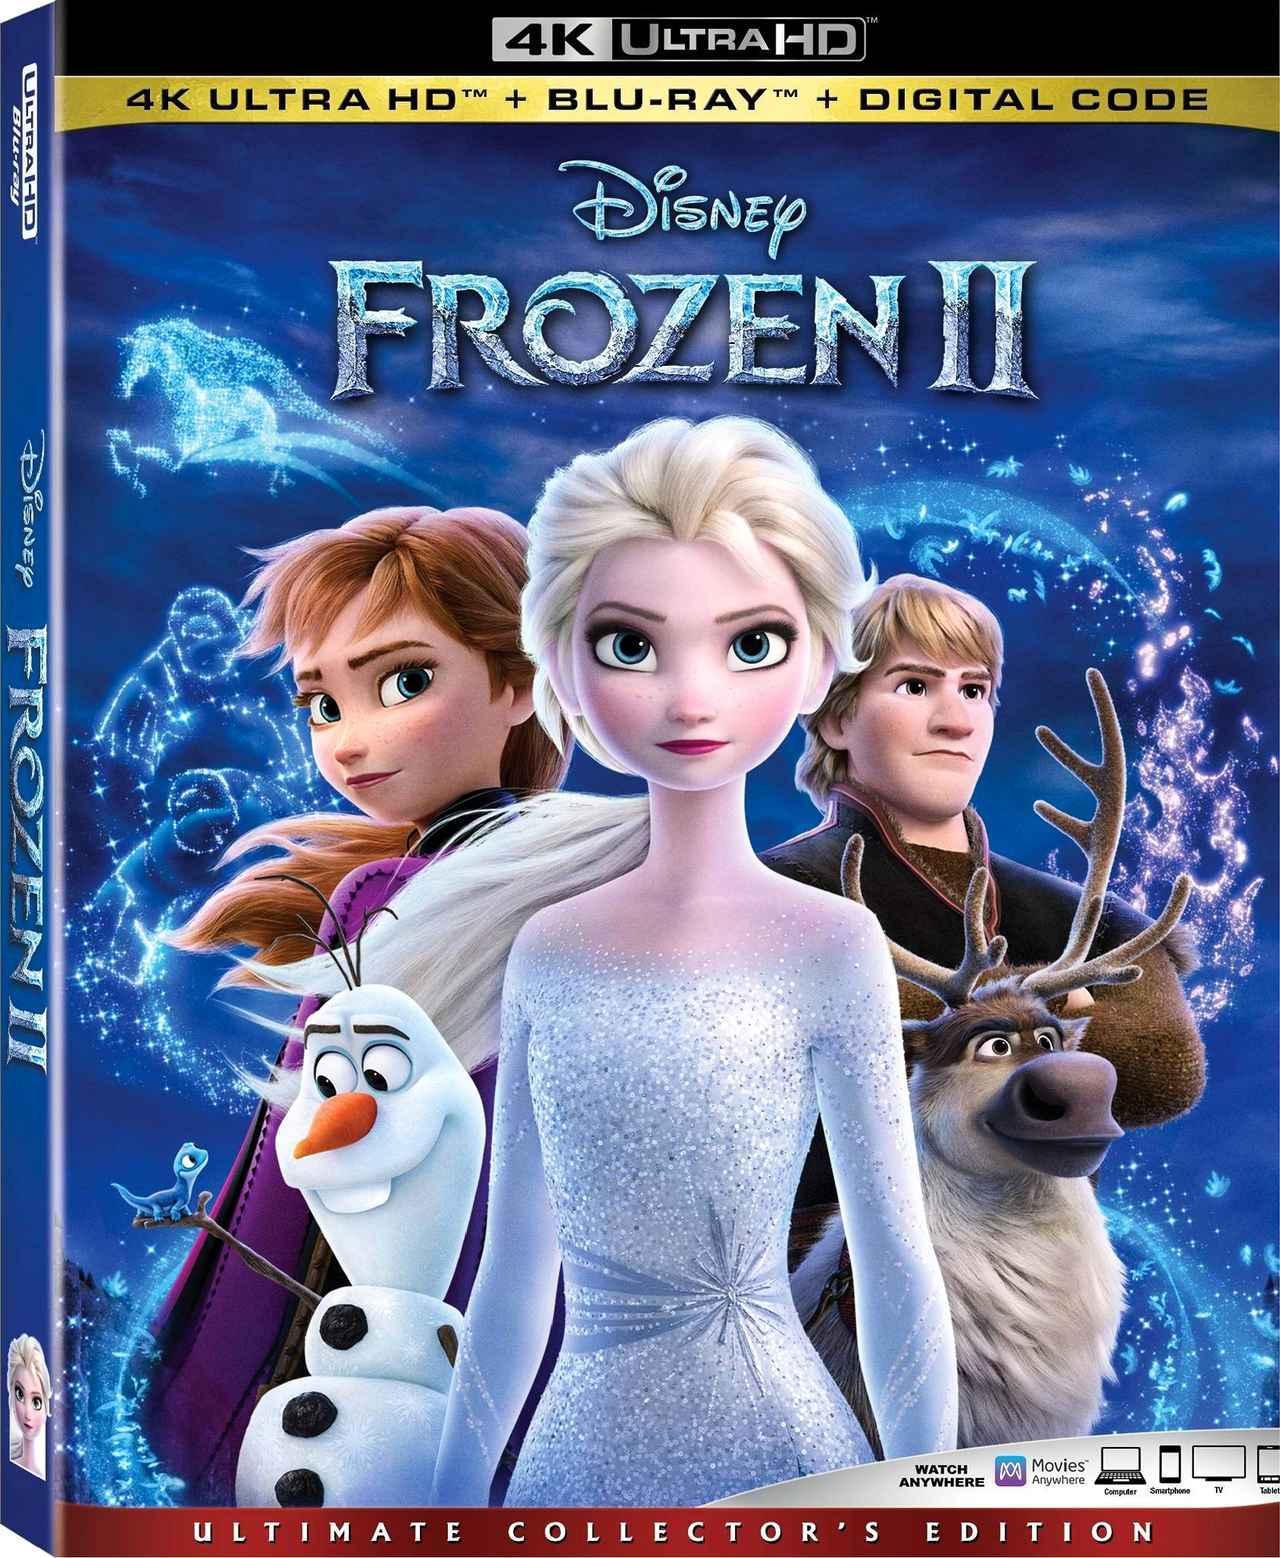 画像: ディズニー・メガヒット・アニメの続編『アナと雪の女王2』【海外盤Blu-ray発売情報】